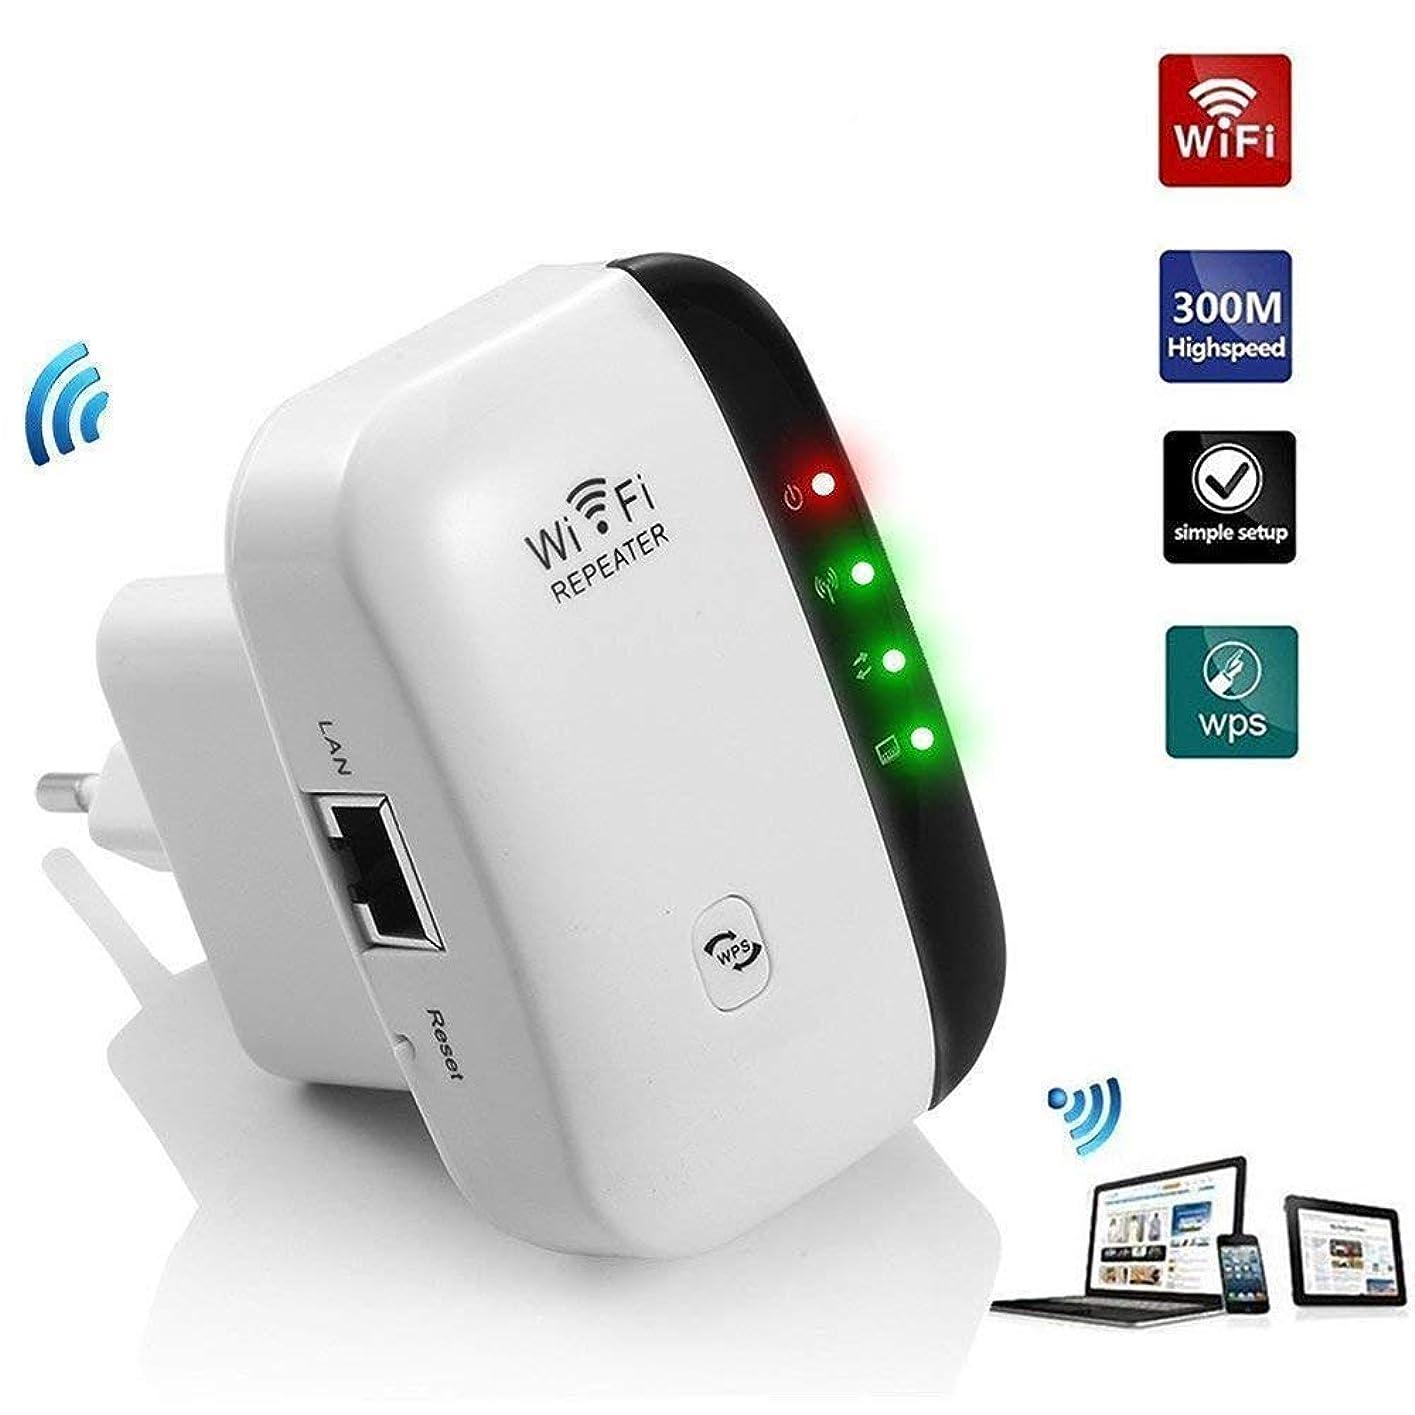 テレックス同盟カエルWiFiリピーター、WiFiルートエンハンサー、レンジエクステンダ2.4g?5gネットワーク、300Mbpsワイヤレスポータブルミニシグナルエンハンサー、WPS機能